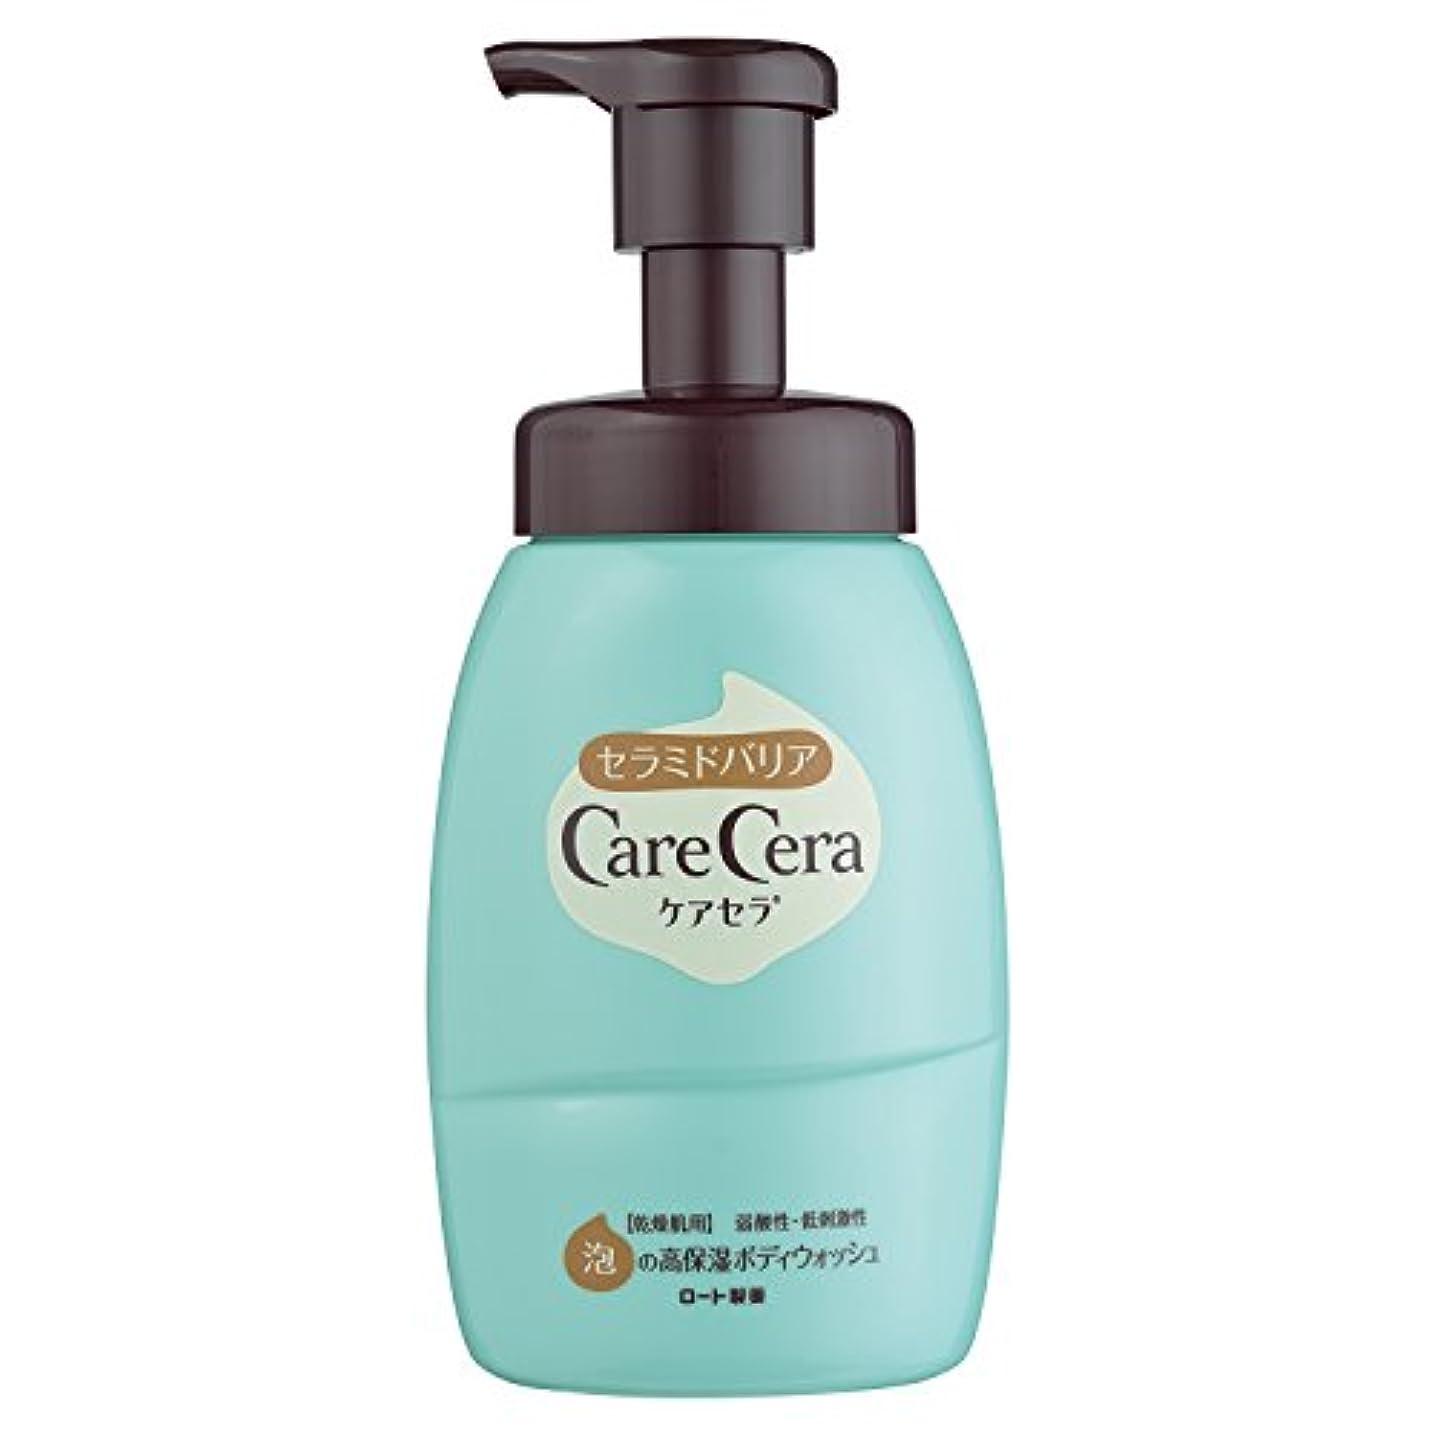 慣習波ペアロート製薬 ケアセラ 天然型セラミド7種配合 セラミド濃度10倍泡の高保湿 全身ボディウォッシュ ピュアフローラルの香り 450mL